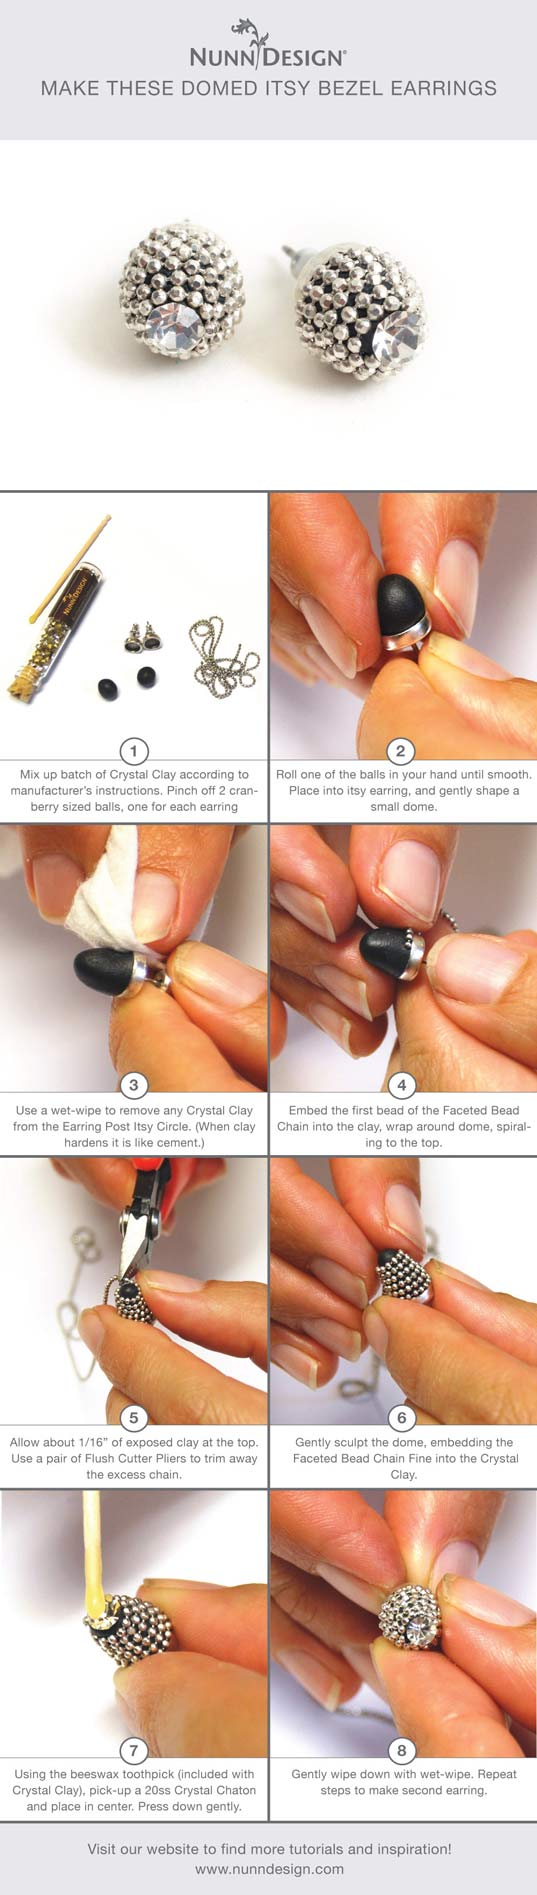 Pinterest-Cheatsheet-domed-itsy-bezel-earrings-tutorial-proof-537